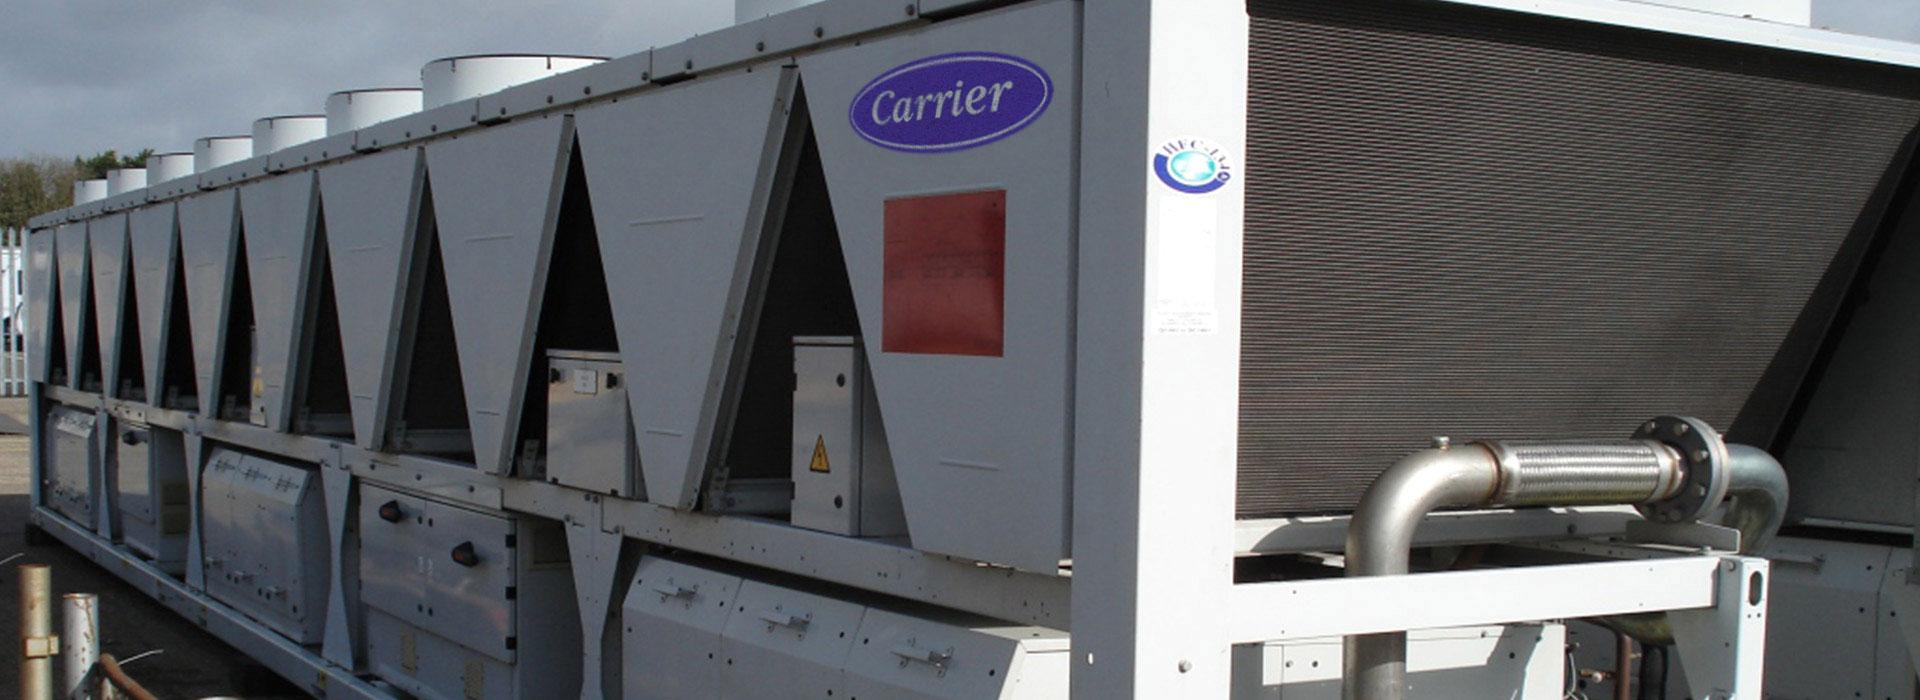 impianto climatizzazione hvac carrier